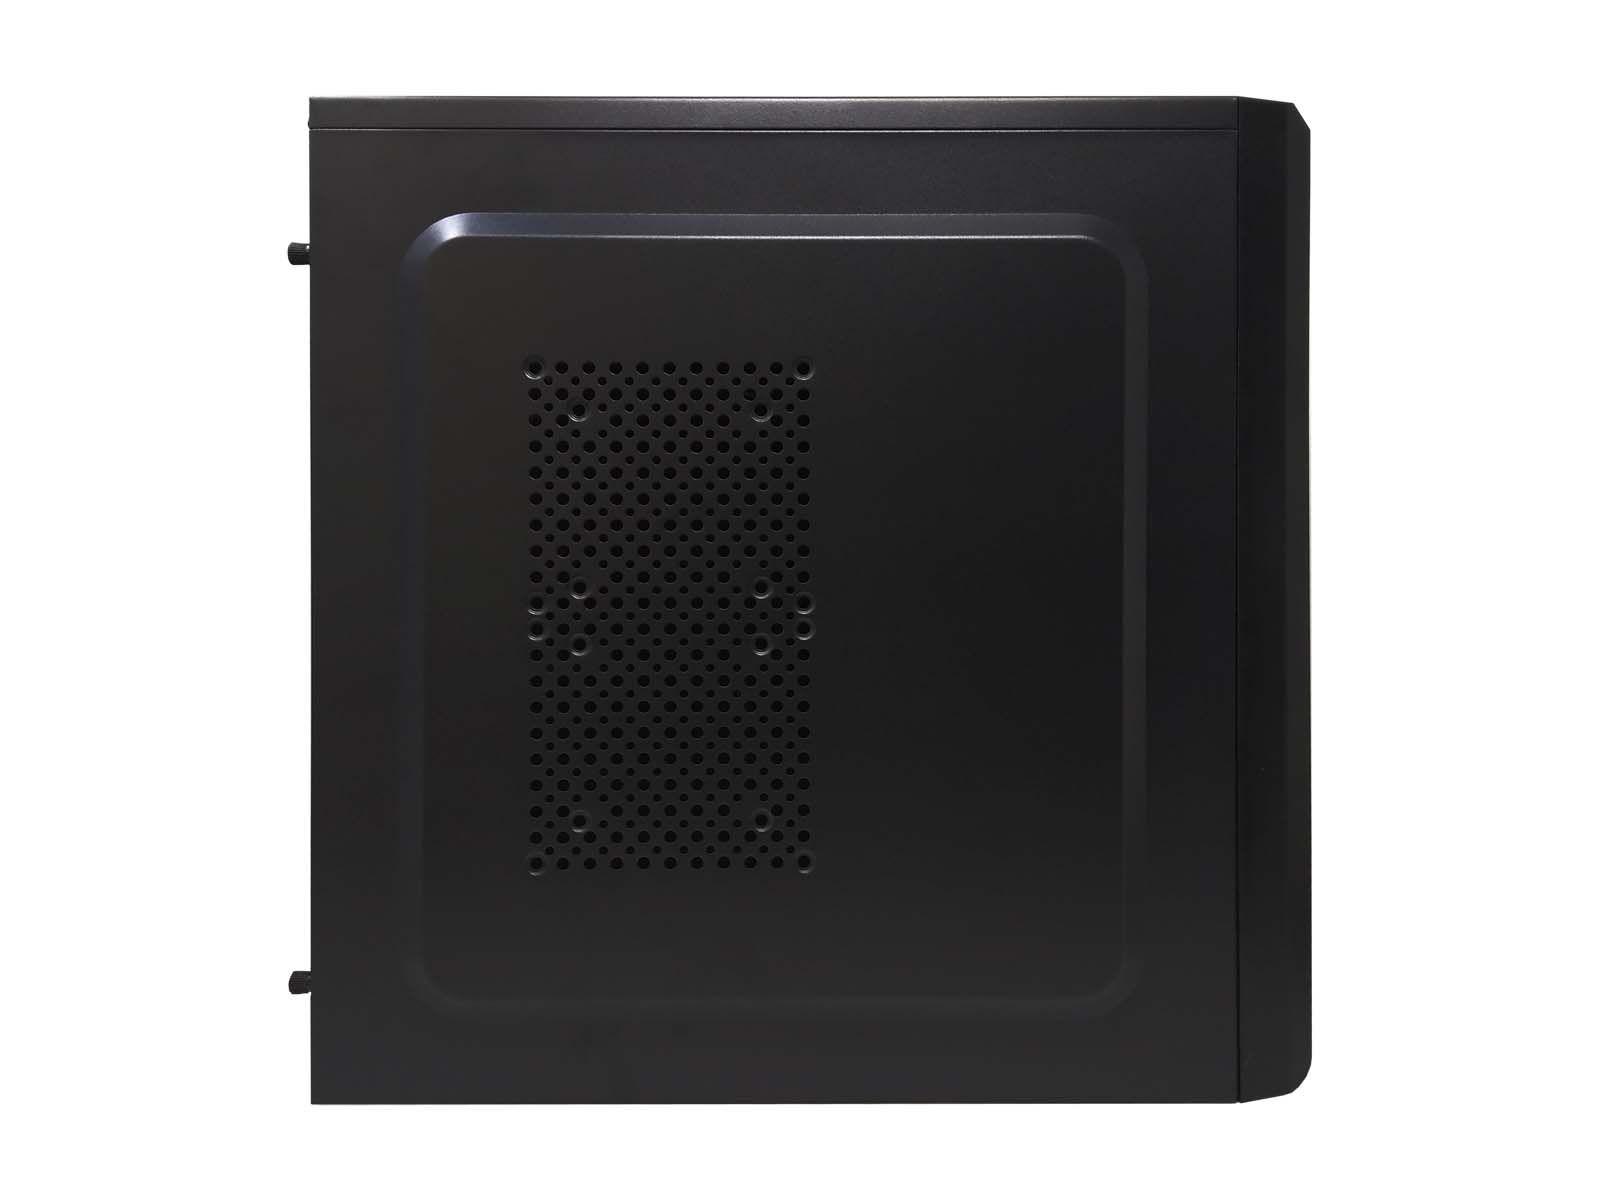 Gabinete Com Fonte Básico Padrão ATX Preto - Bluecase BG-2523